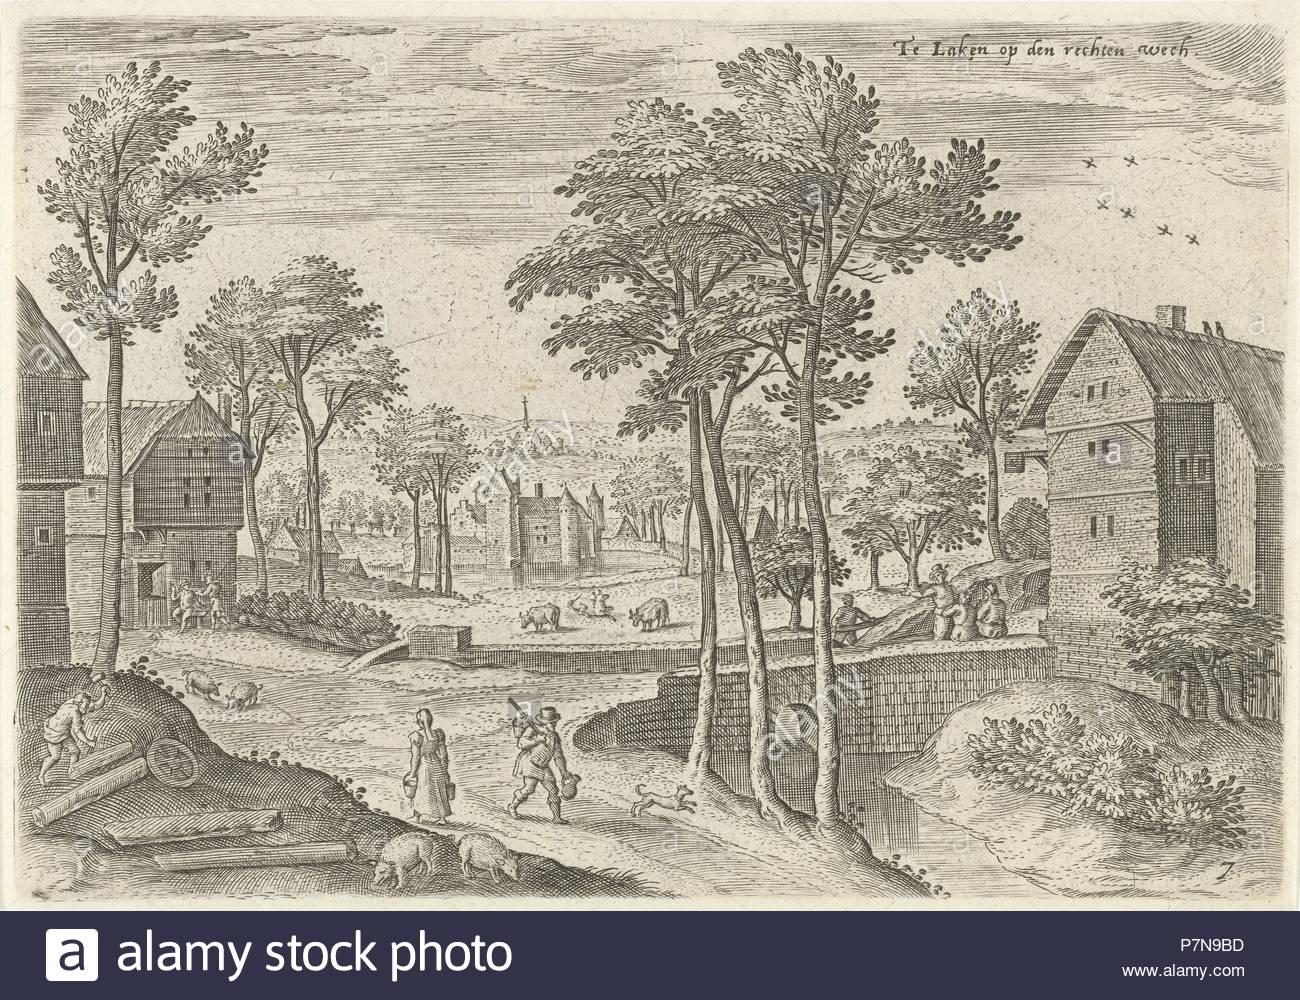 View of the main street of Laeken, Belgium, Hans Collaert (I), Hans Bol, Claes Jansz. Visscher (II), 1530 - 1580. - Stock Image